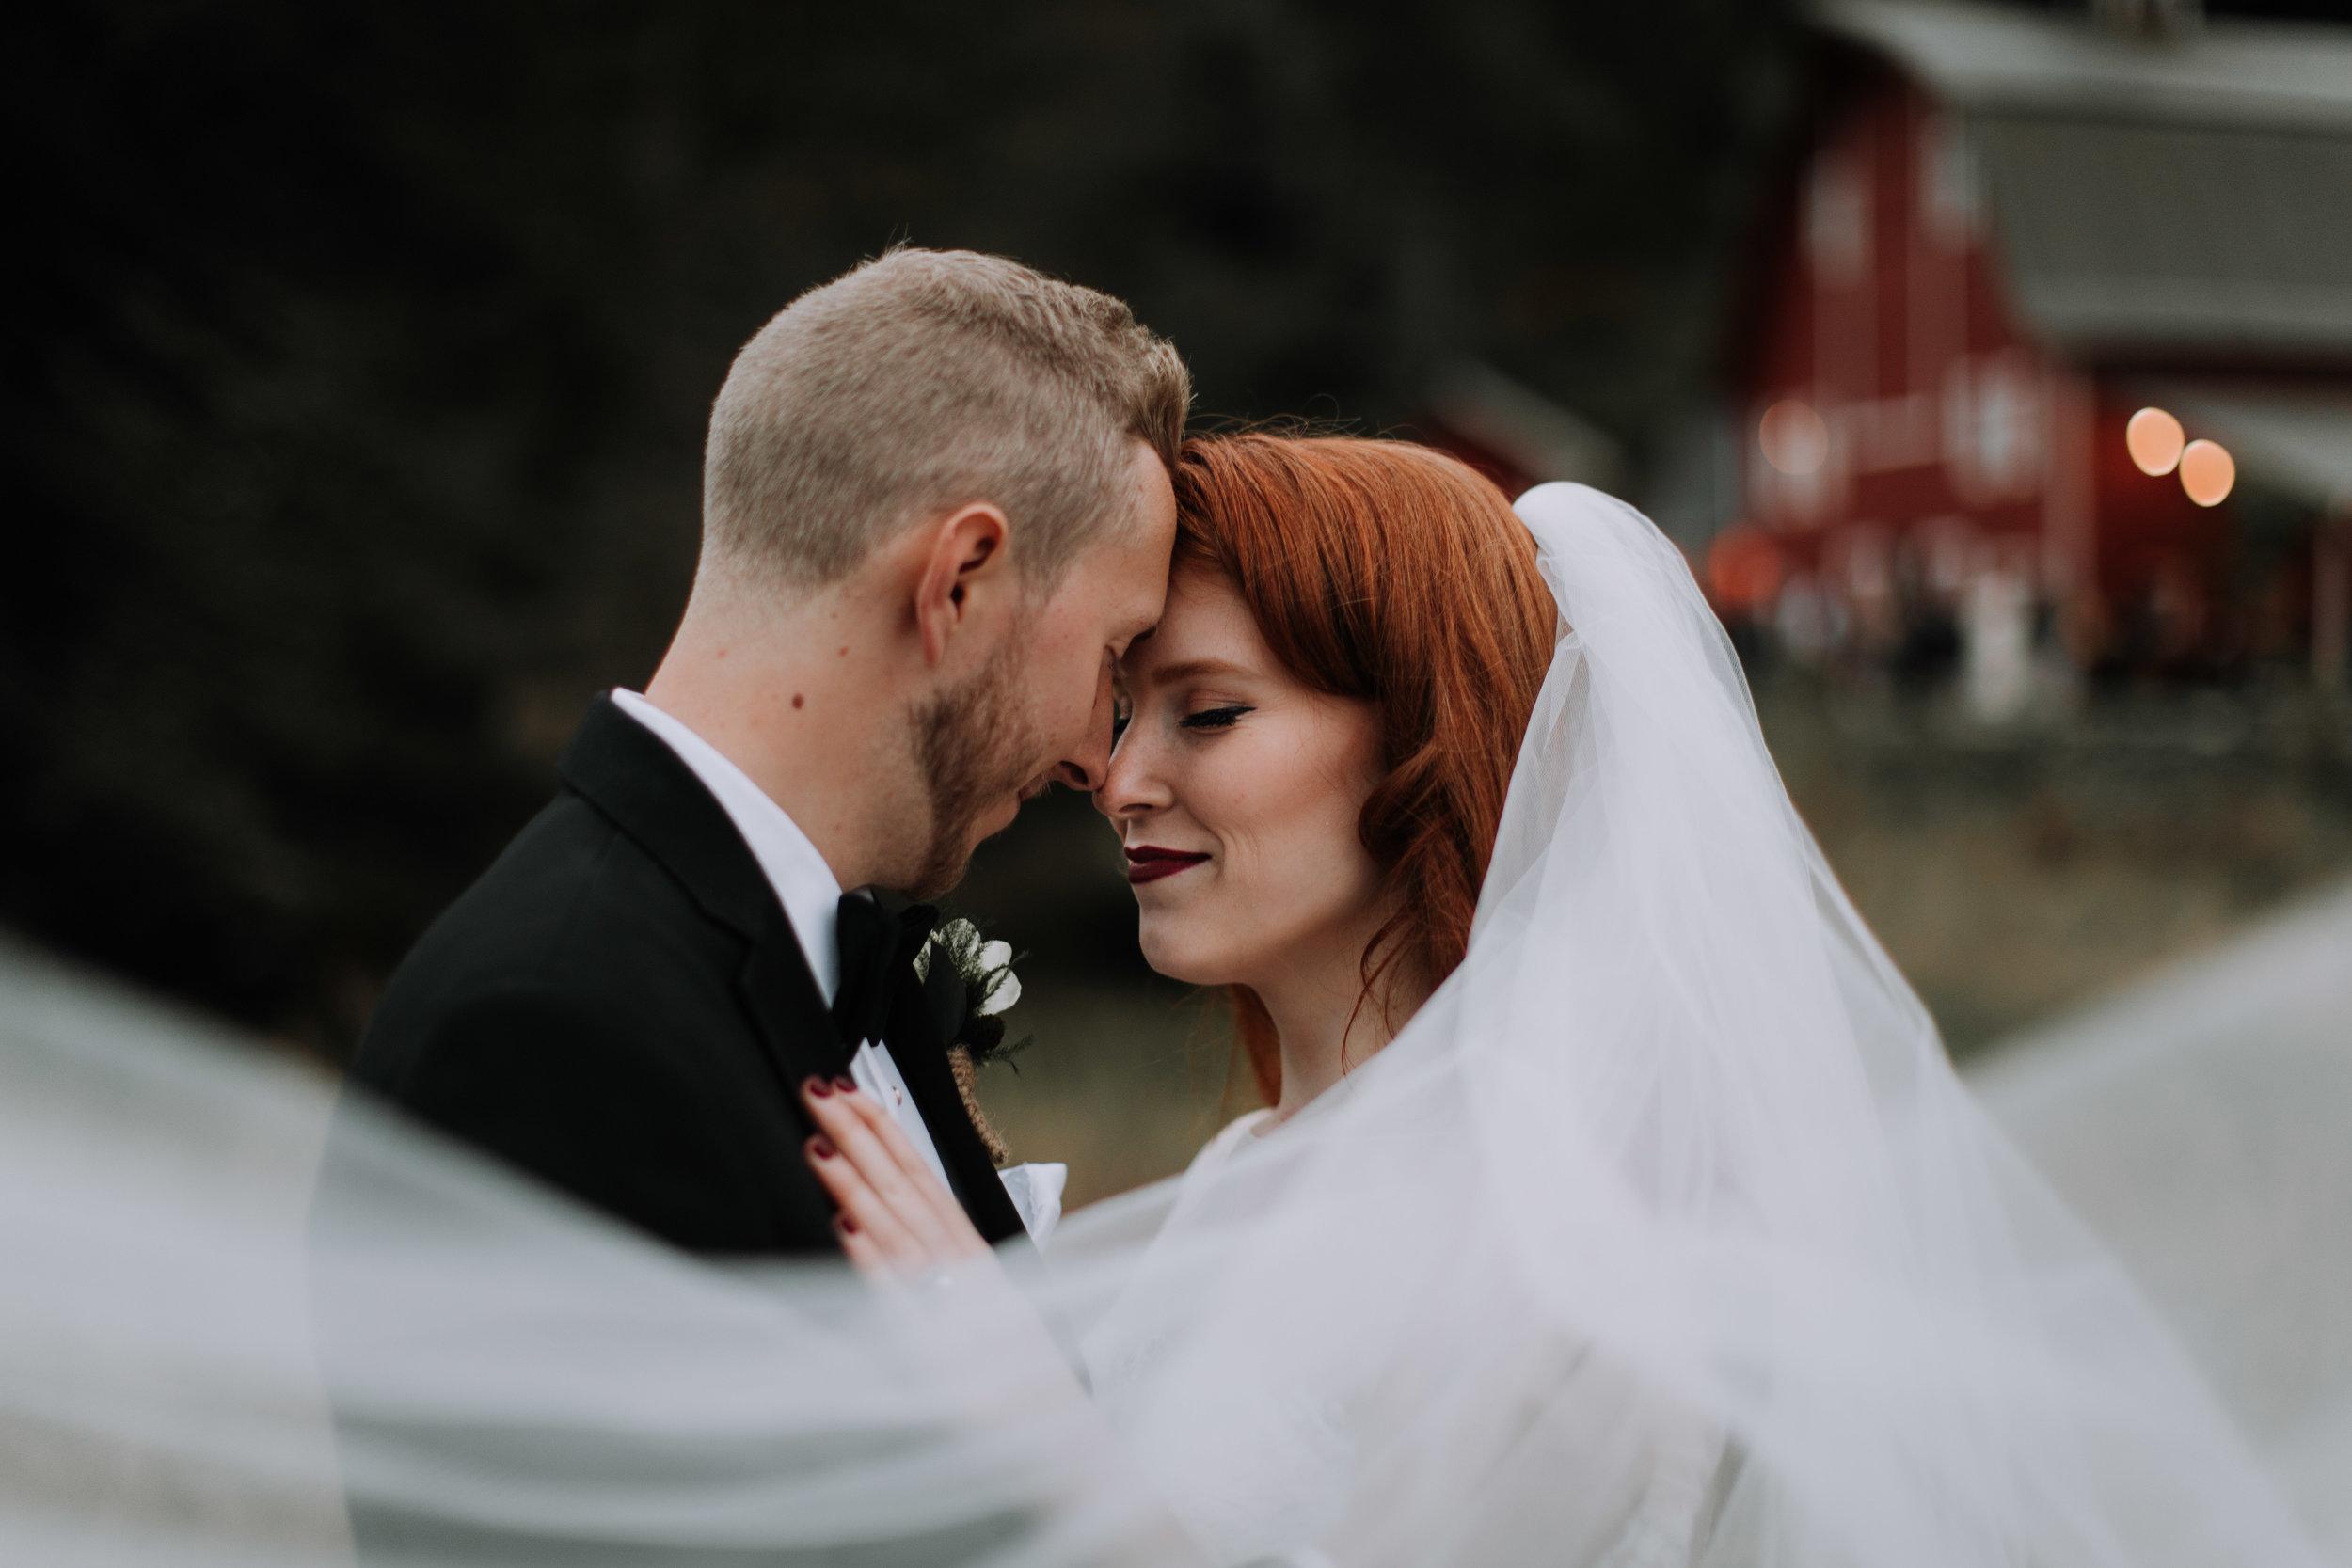 adam sophie red barn wedding arlington washington foggy day pnw